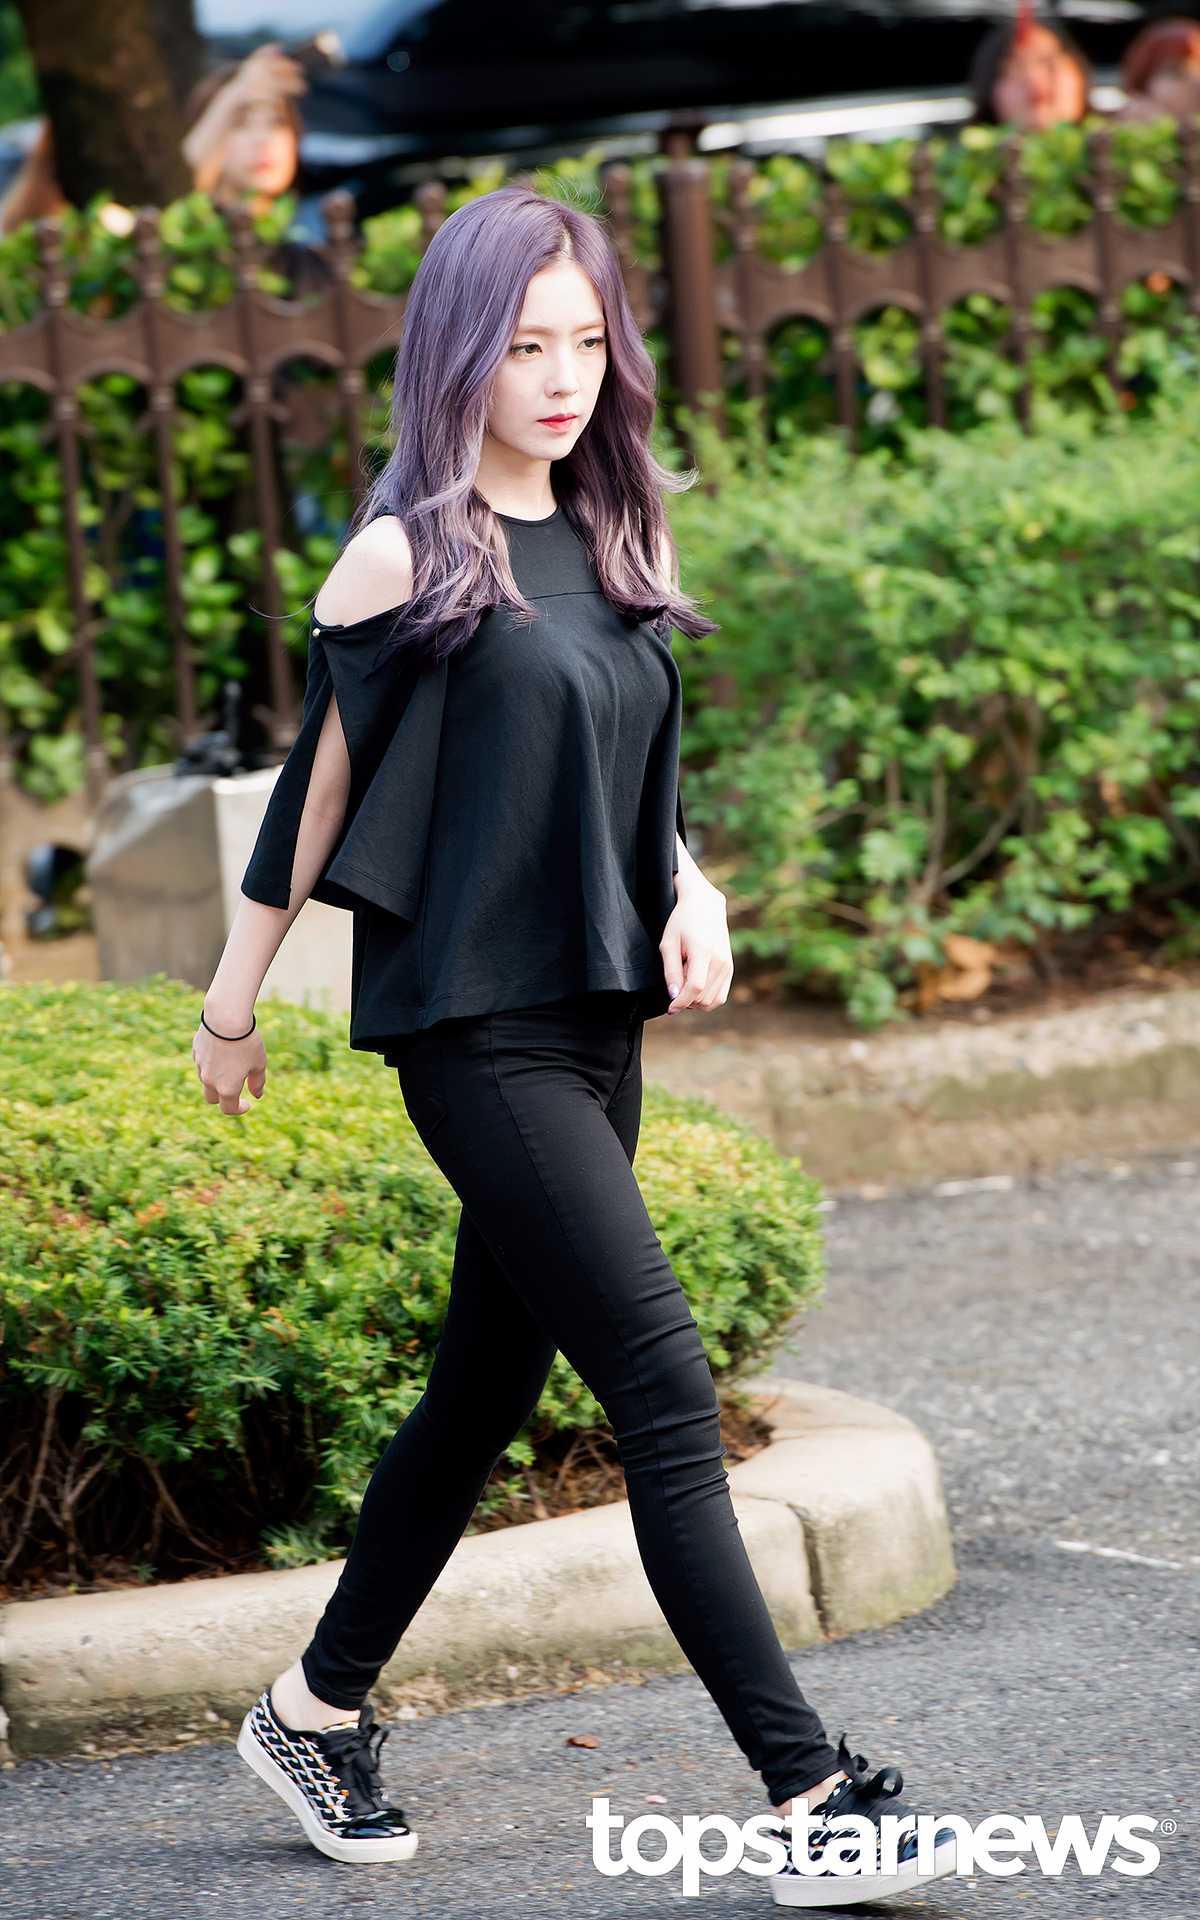 9日早上,Irene在去參加音樂銀行綵排的路上被媒體拍到,女神般的美貌再次震驚到了媒體,看到的網友也留言稱讚Irene是「喚醒早上的美貌 」。